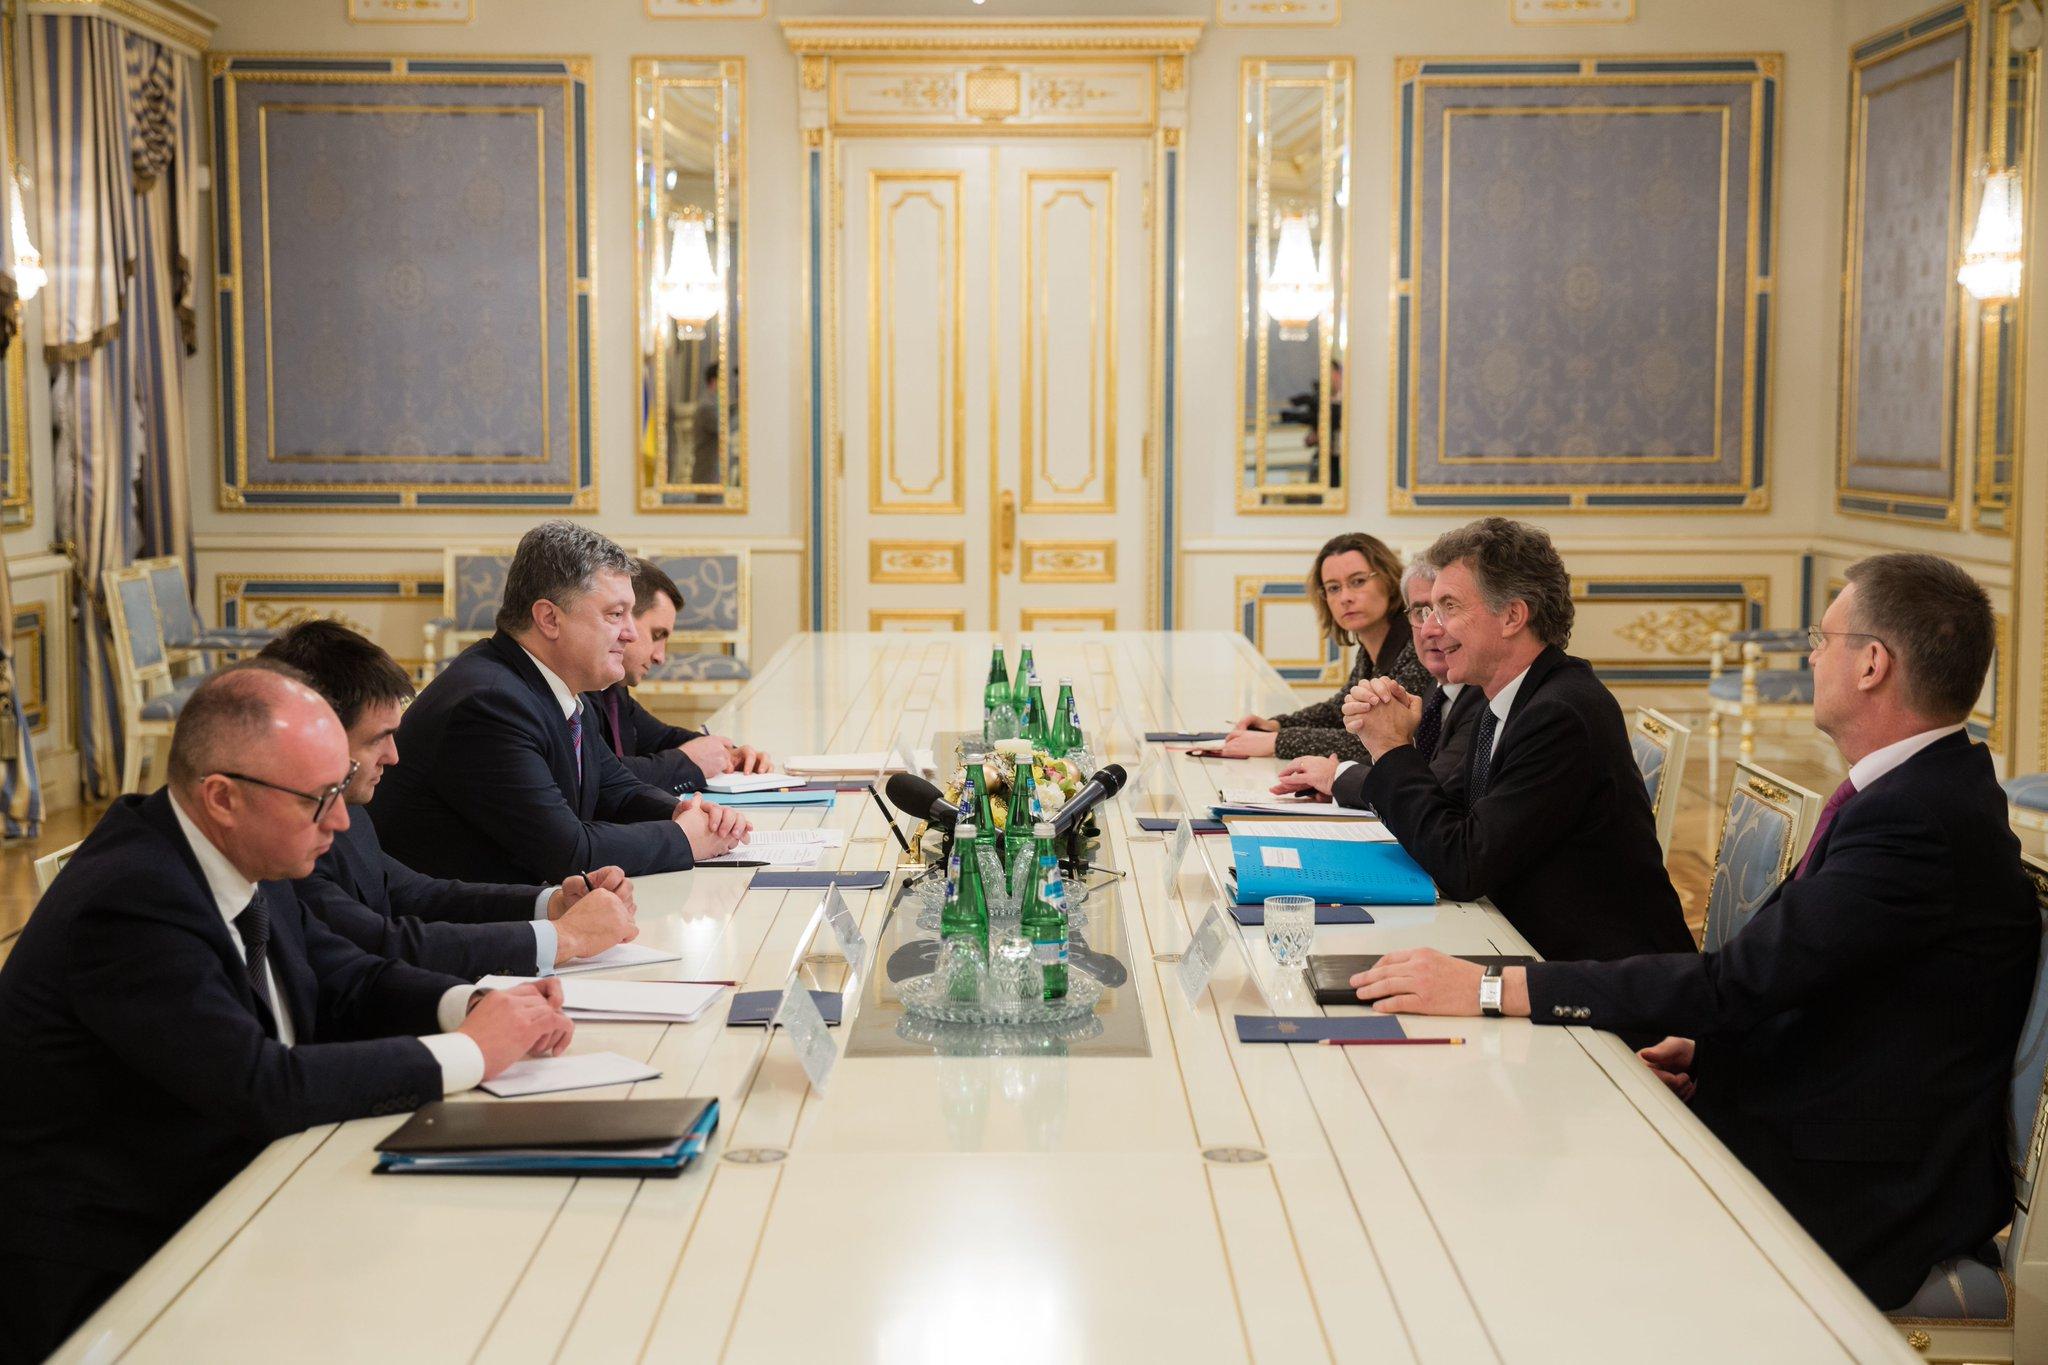 В Украине создадут координационный офис ООН для помощи Донбассу, - Ельченко - Цензор.НЕТ 1077